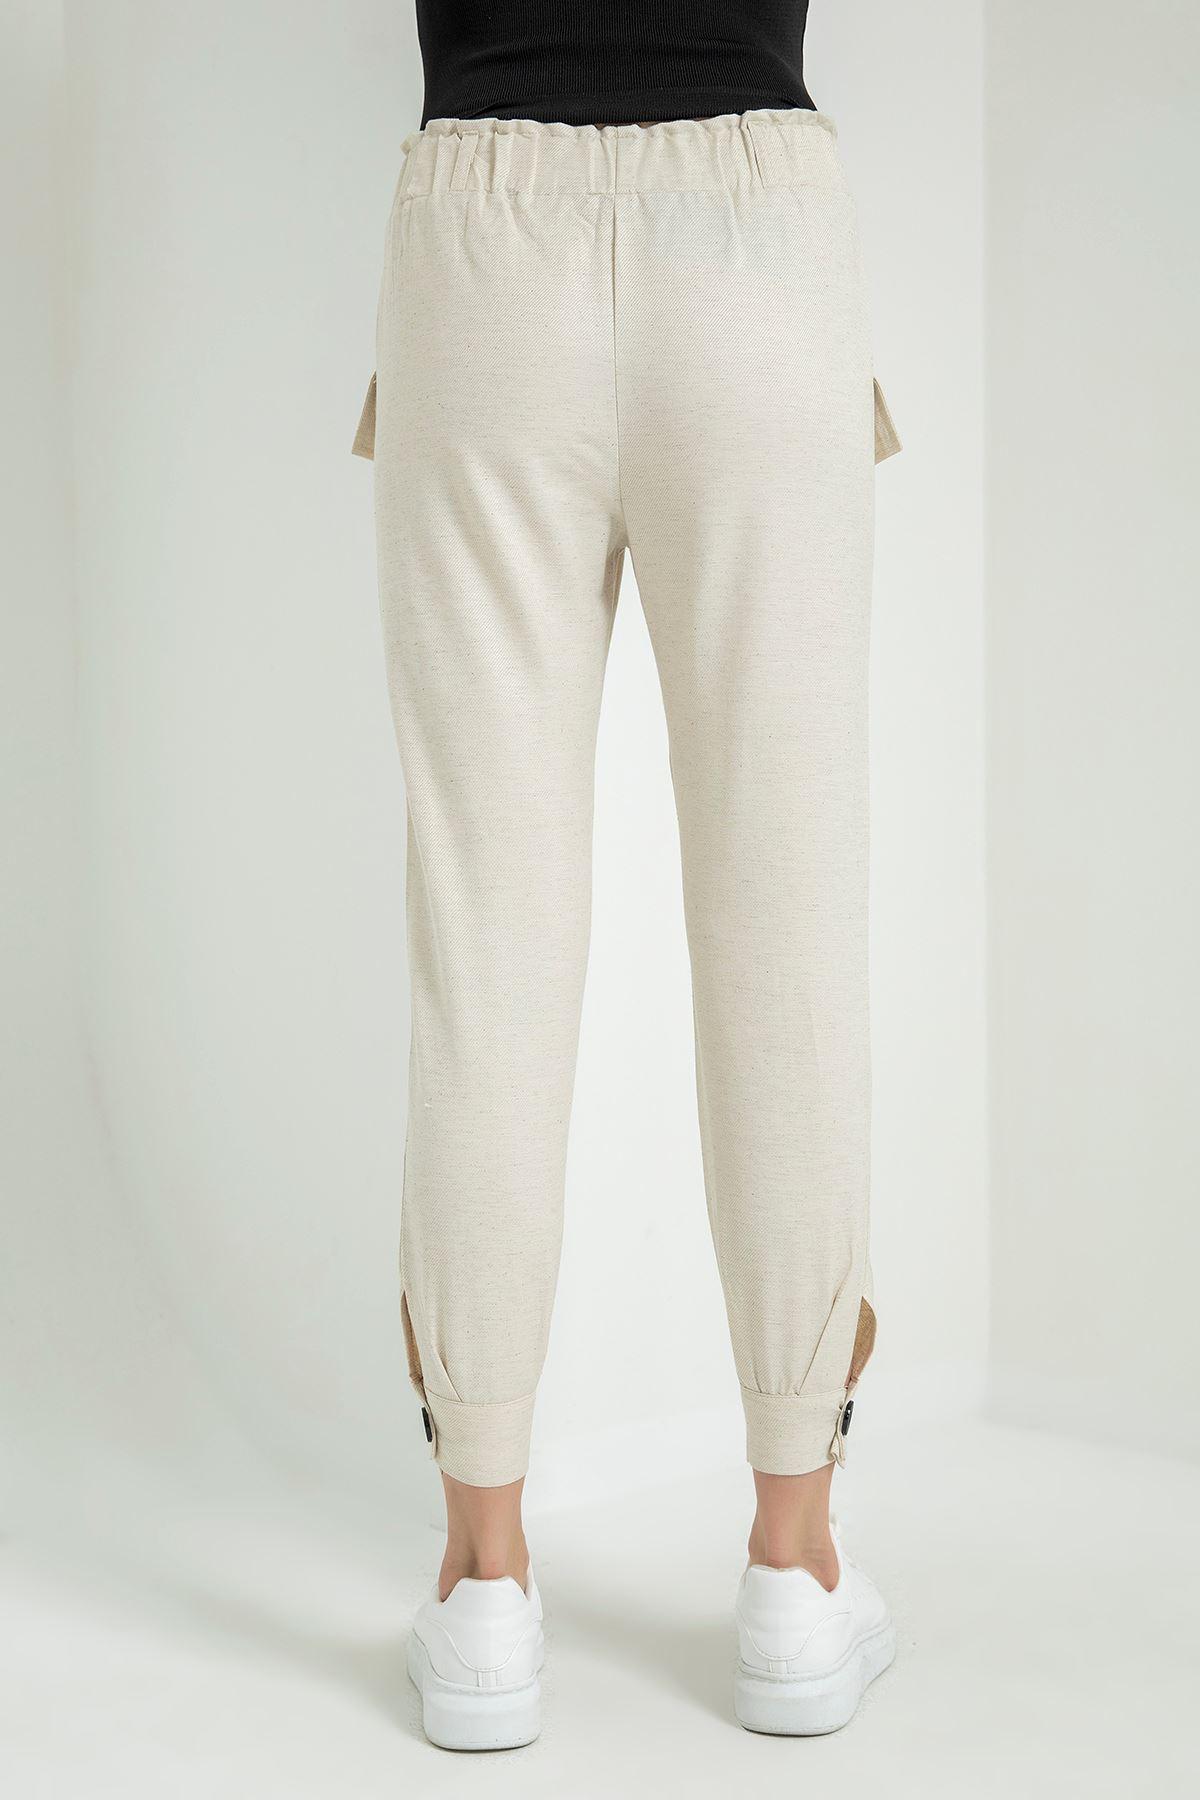 Beli Lastikli Keten Pantolon-Taş